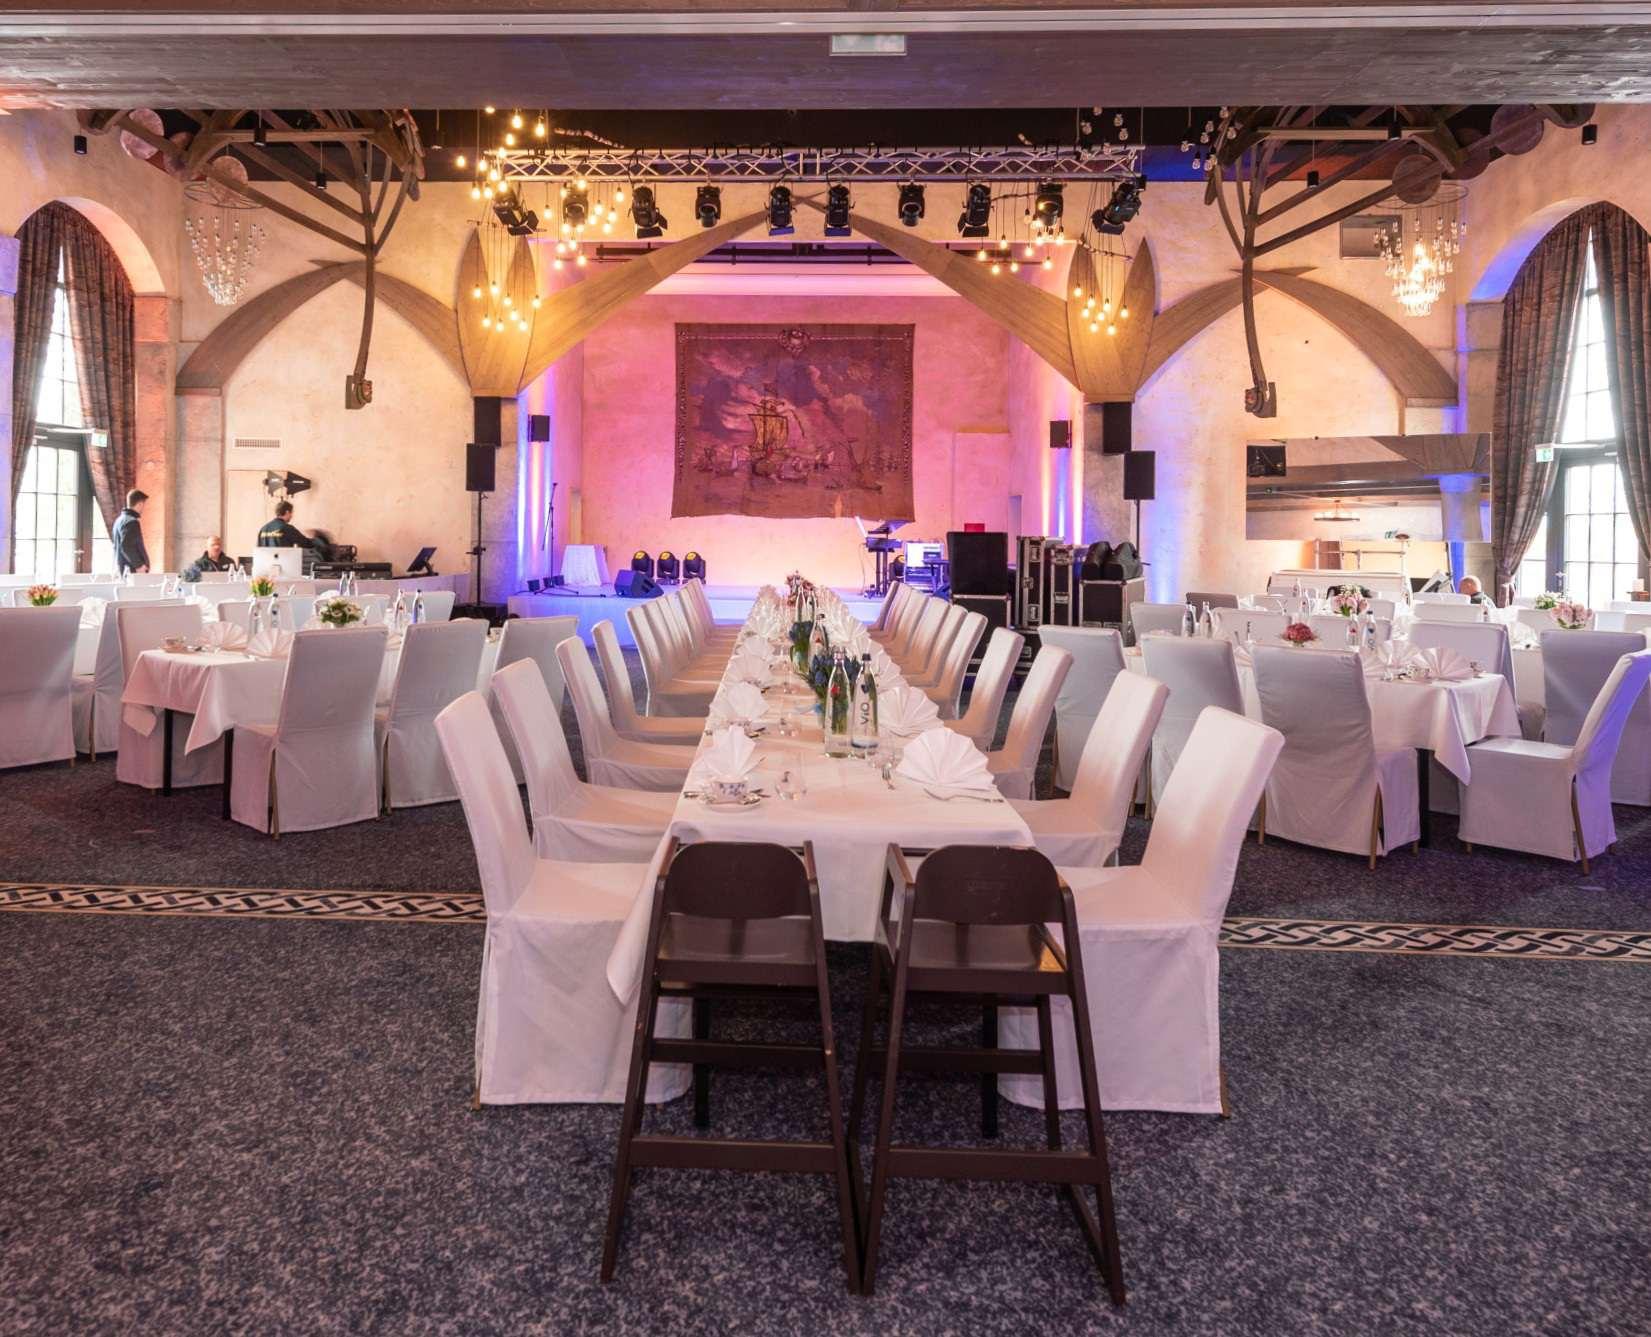 Der im Wikinger-Stil gehaltene Saal Vineta im Hotel Kronasar mit Schiffsskeletten an der Decke und gedeckter Festtafel.